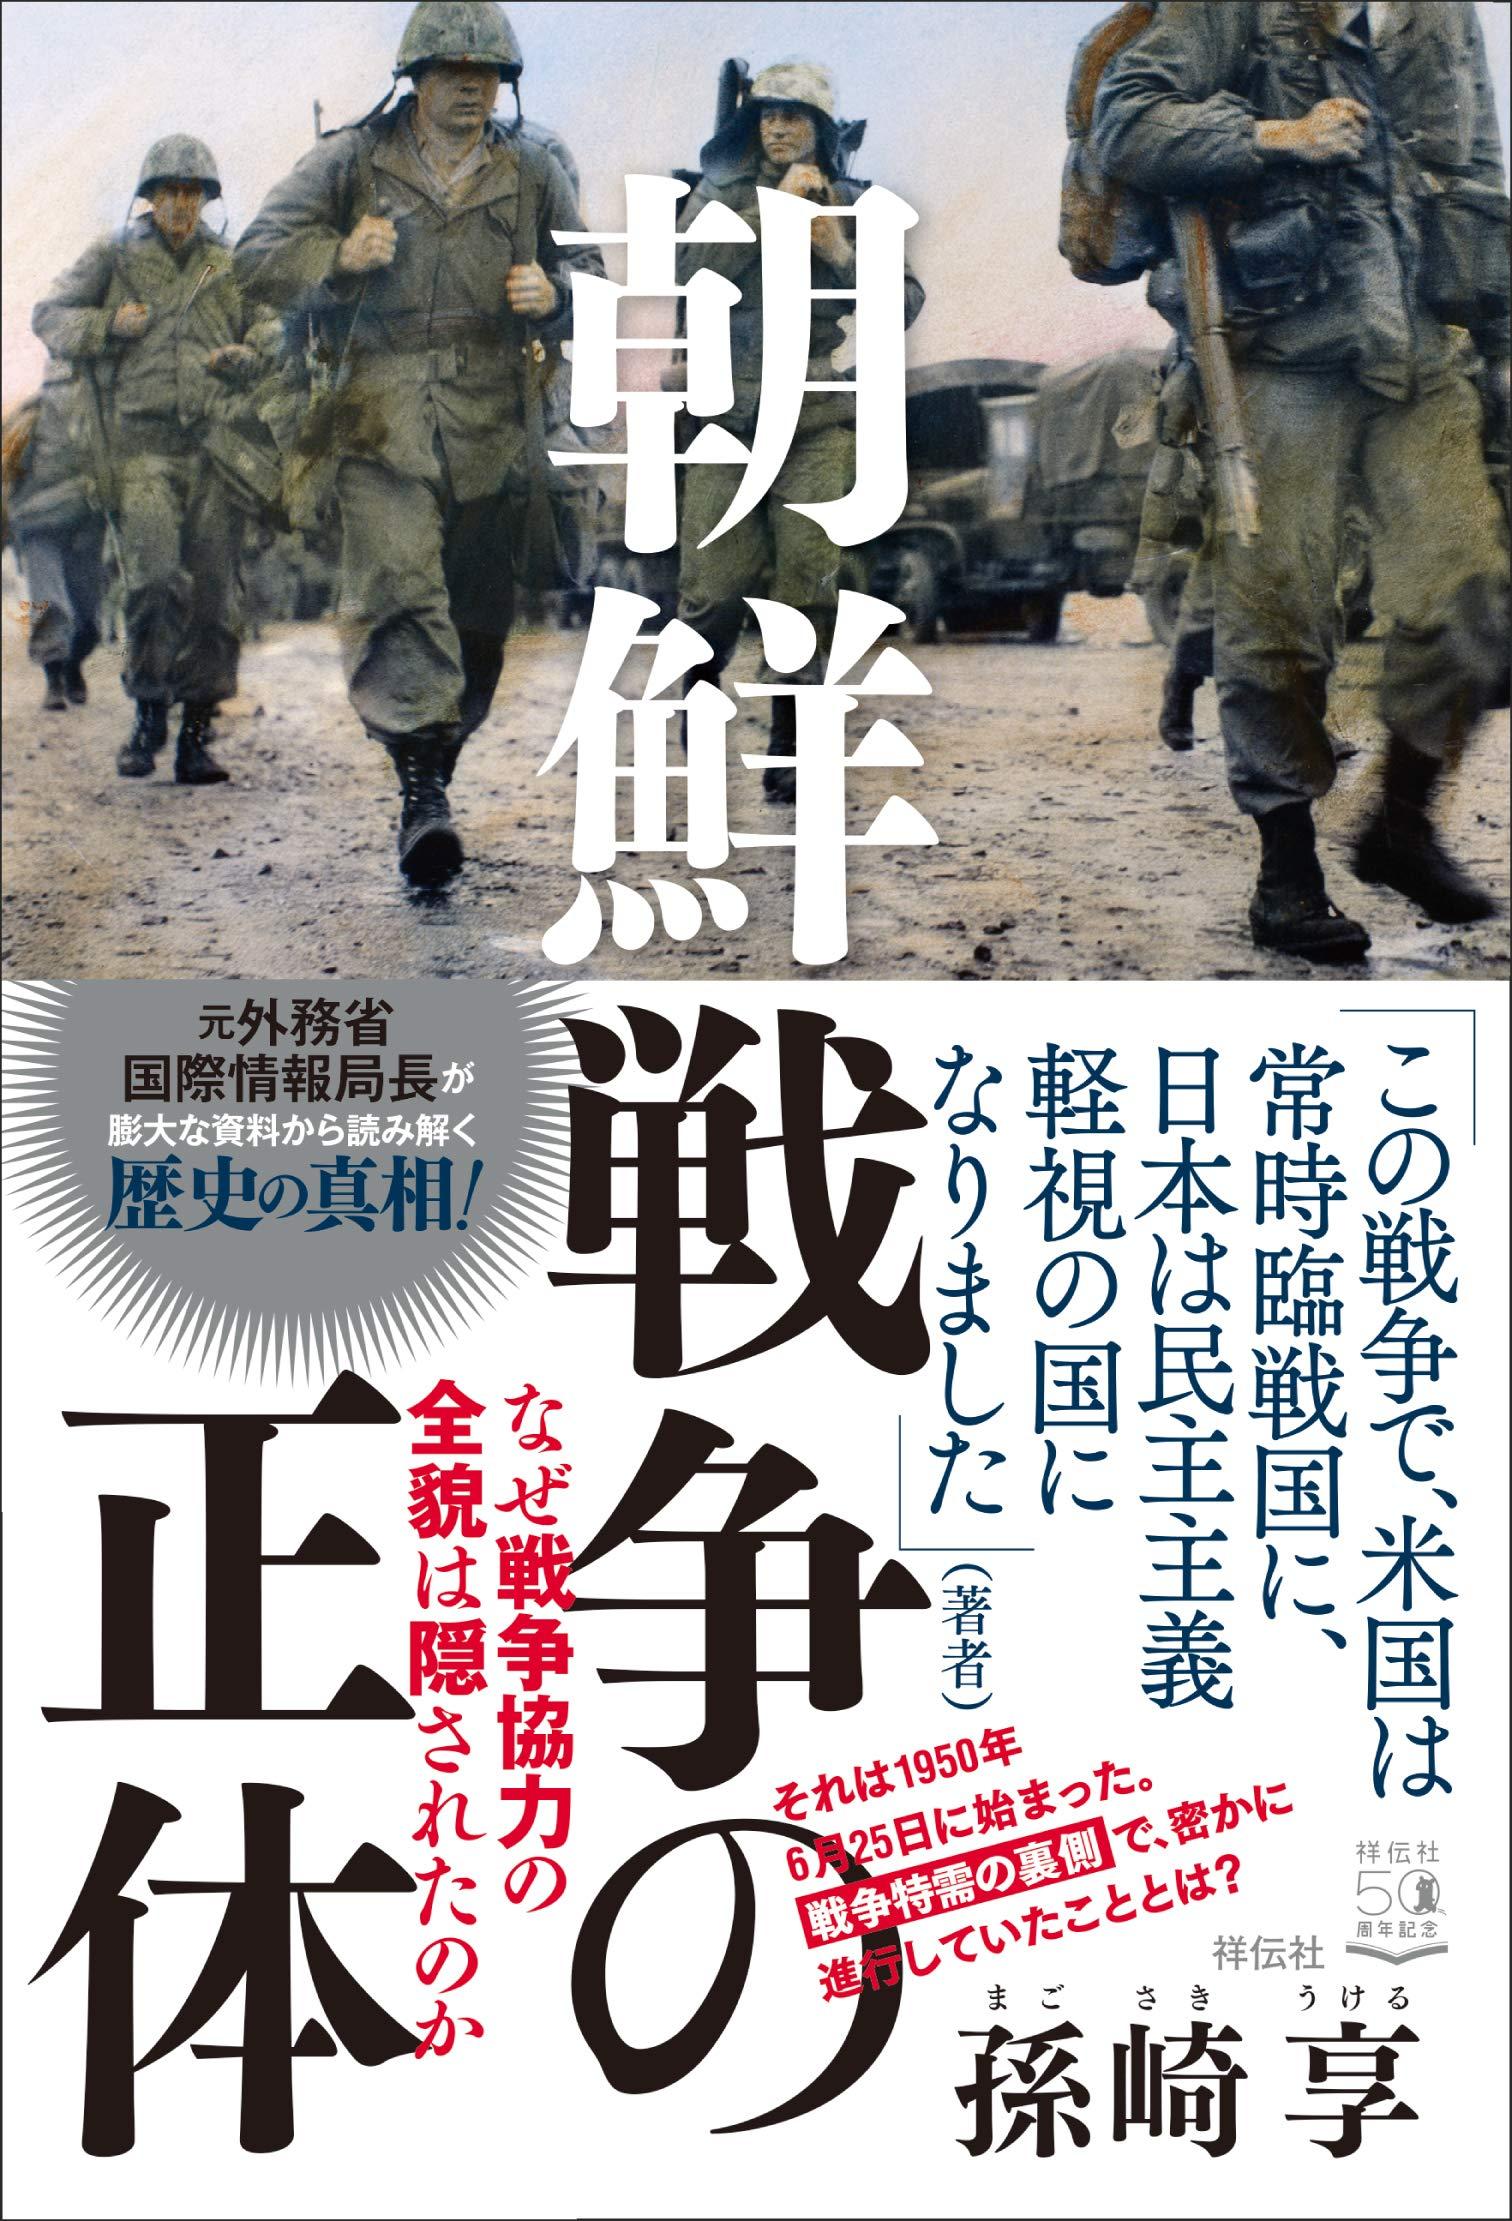 朝鮮戦争の正体 なぜ戦争協力の全貌は隠されたのか (単行本) | 孫崎 享 ...